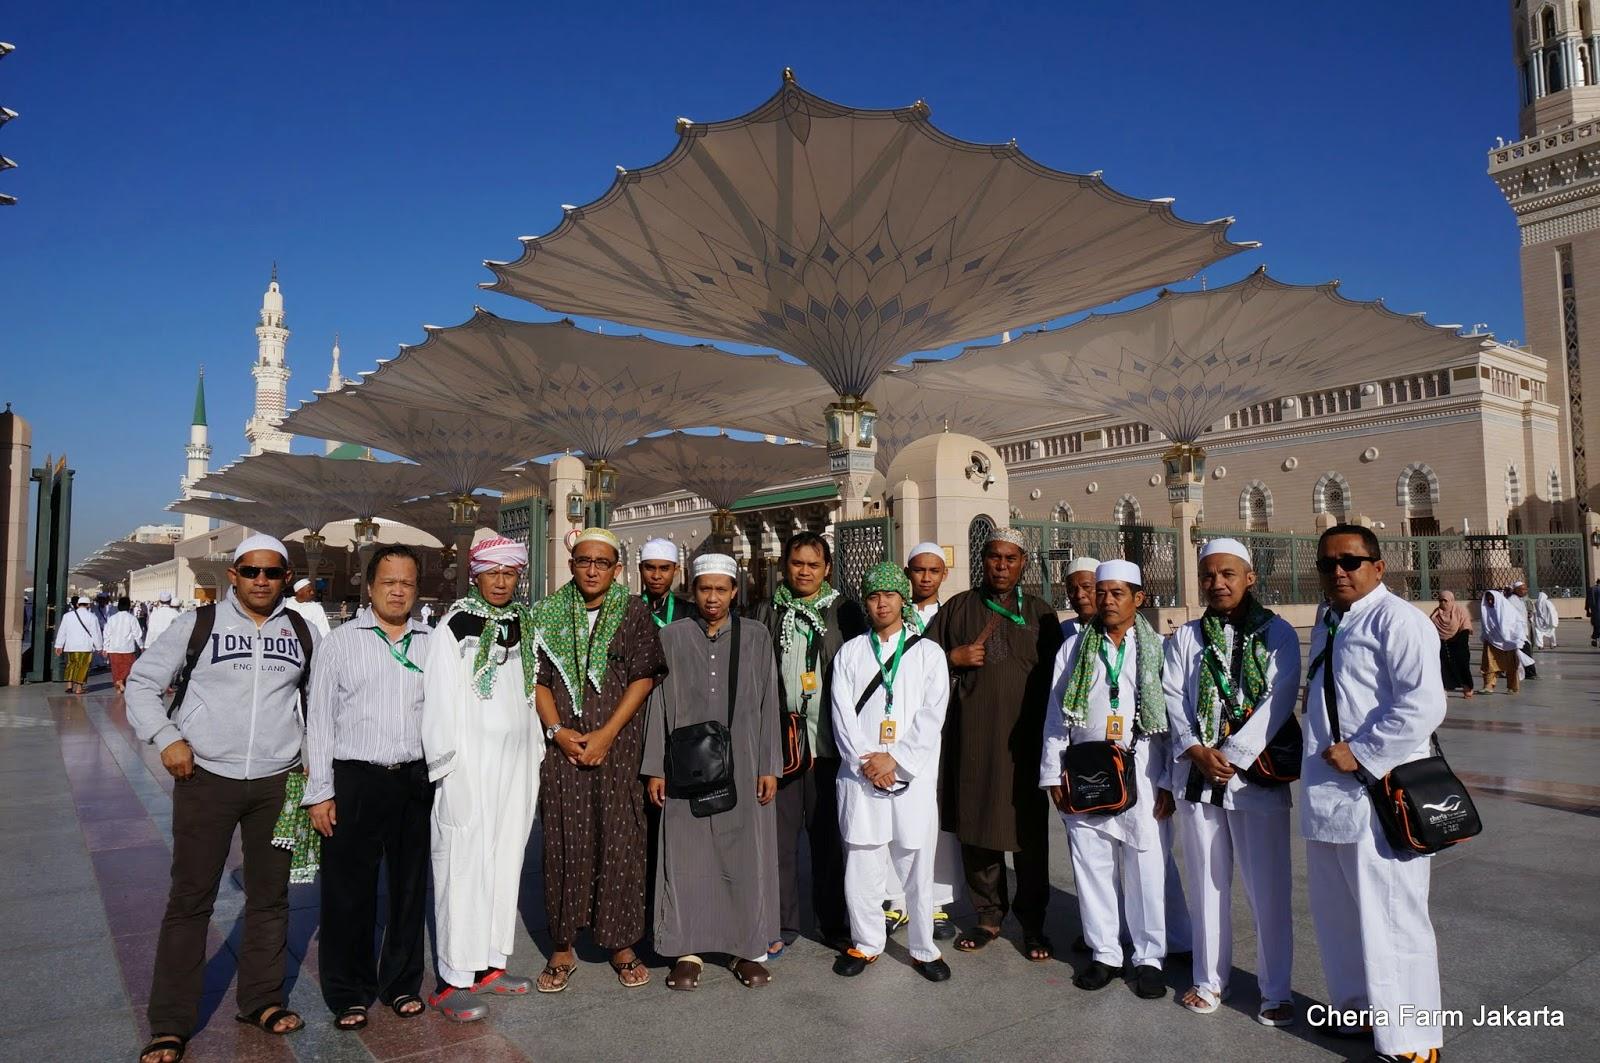 Masalah Penyelenggaraan Ibadah Haji Perlu Dibenahi